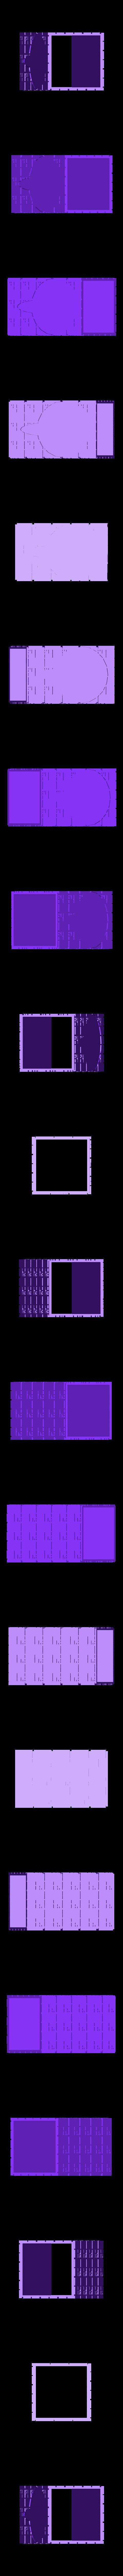 Castle_Body.stl Télécharger fichier STL gratuit Castle Dice Tower Combo • Modèle imprimable en 3D, mrhers2